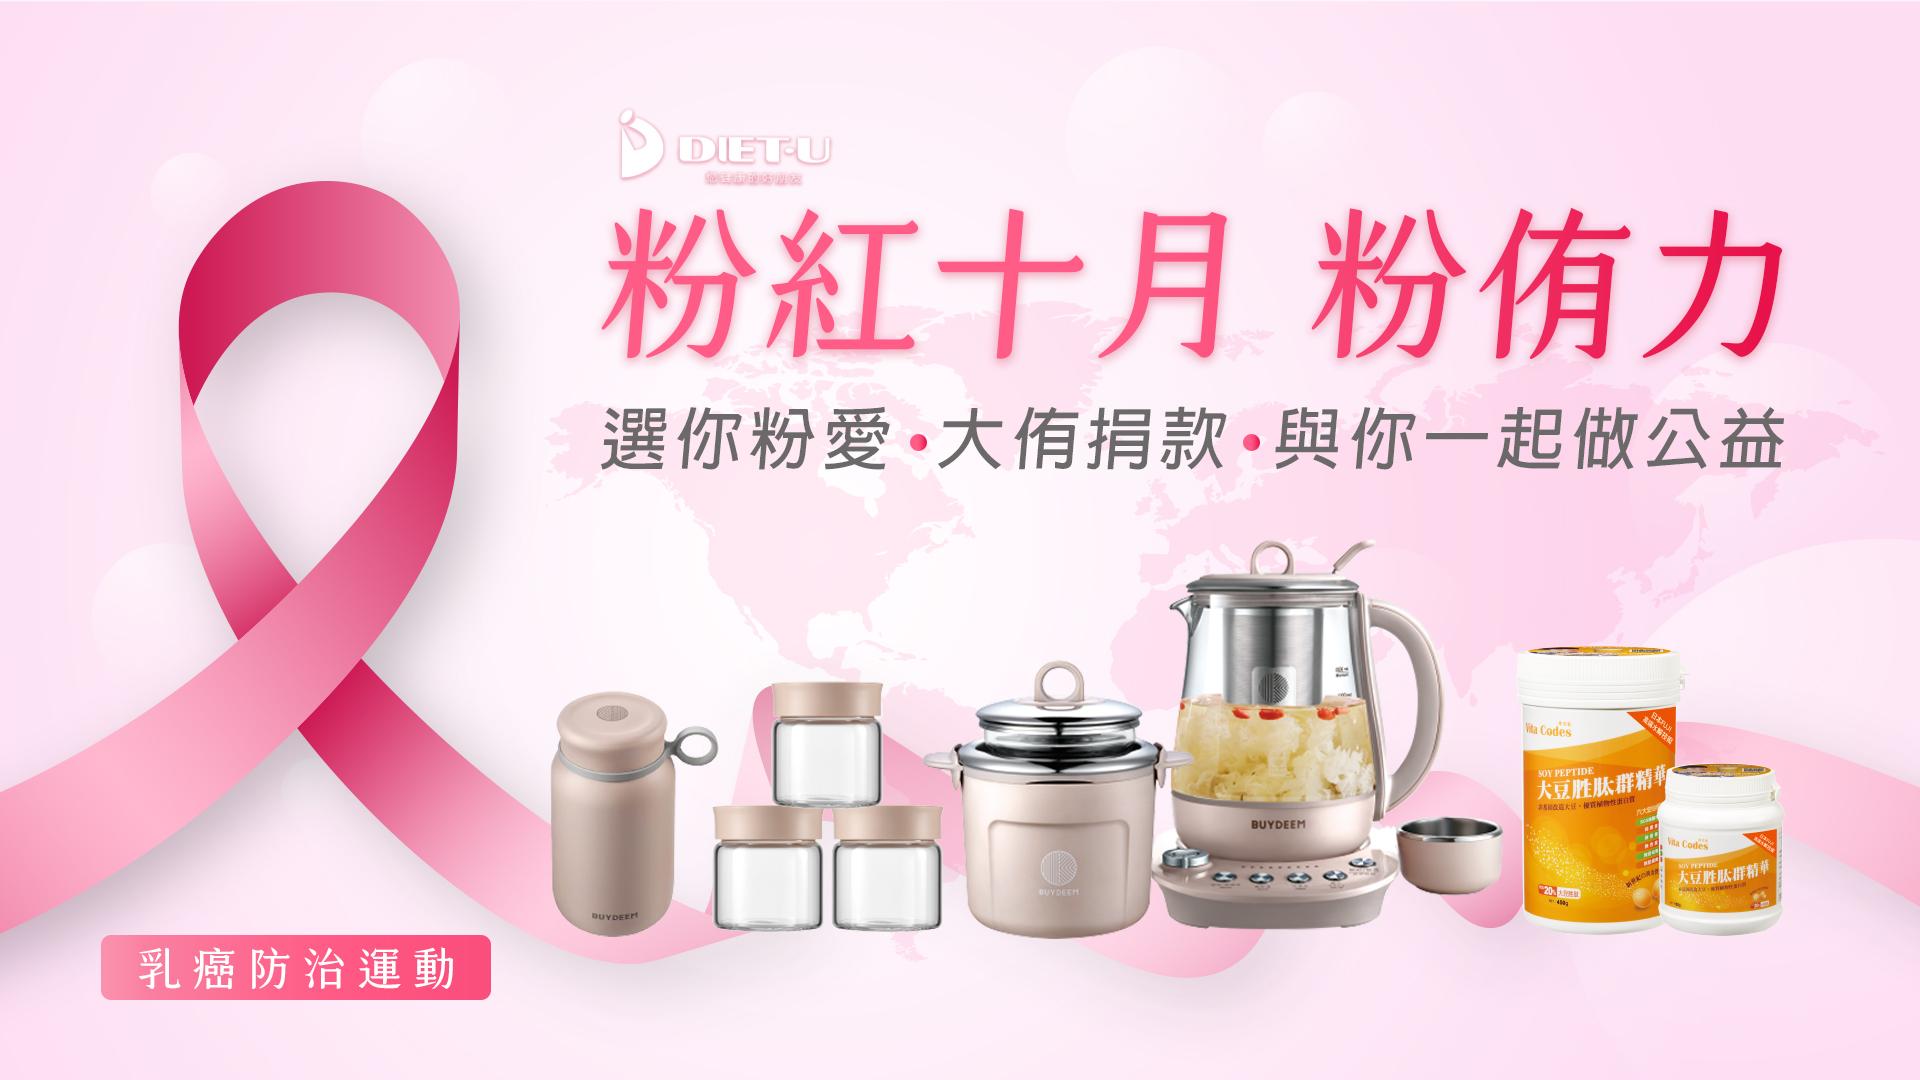 乳癌預防-粉紅十月粉侑力-公益-捐款